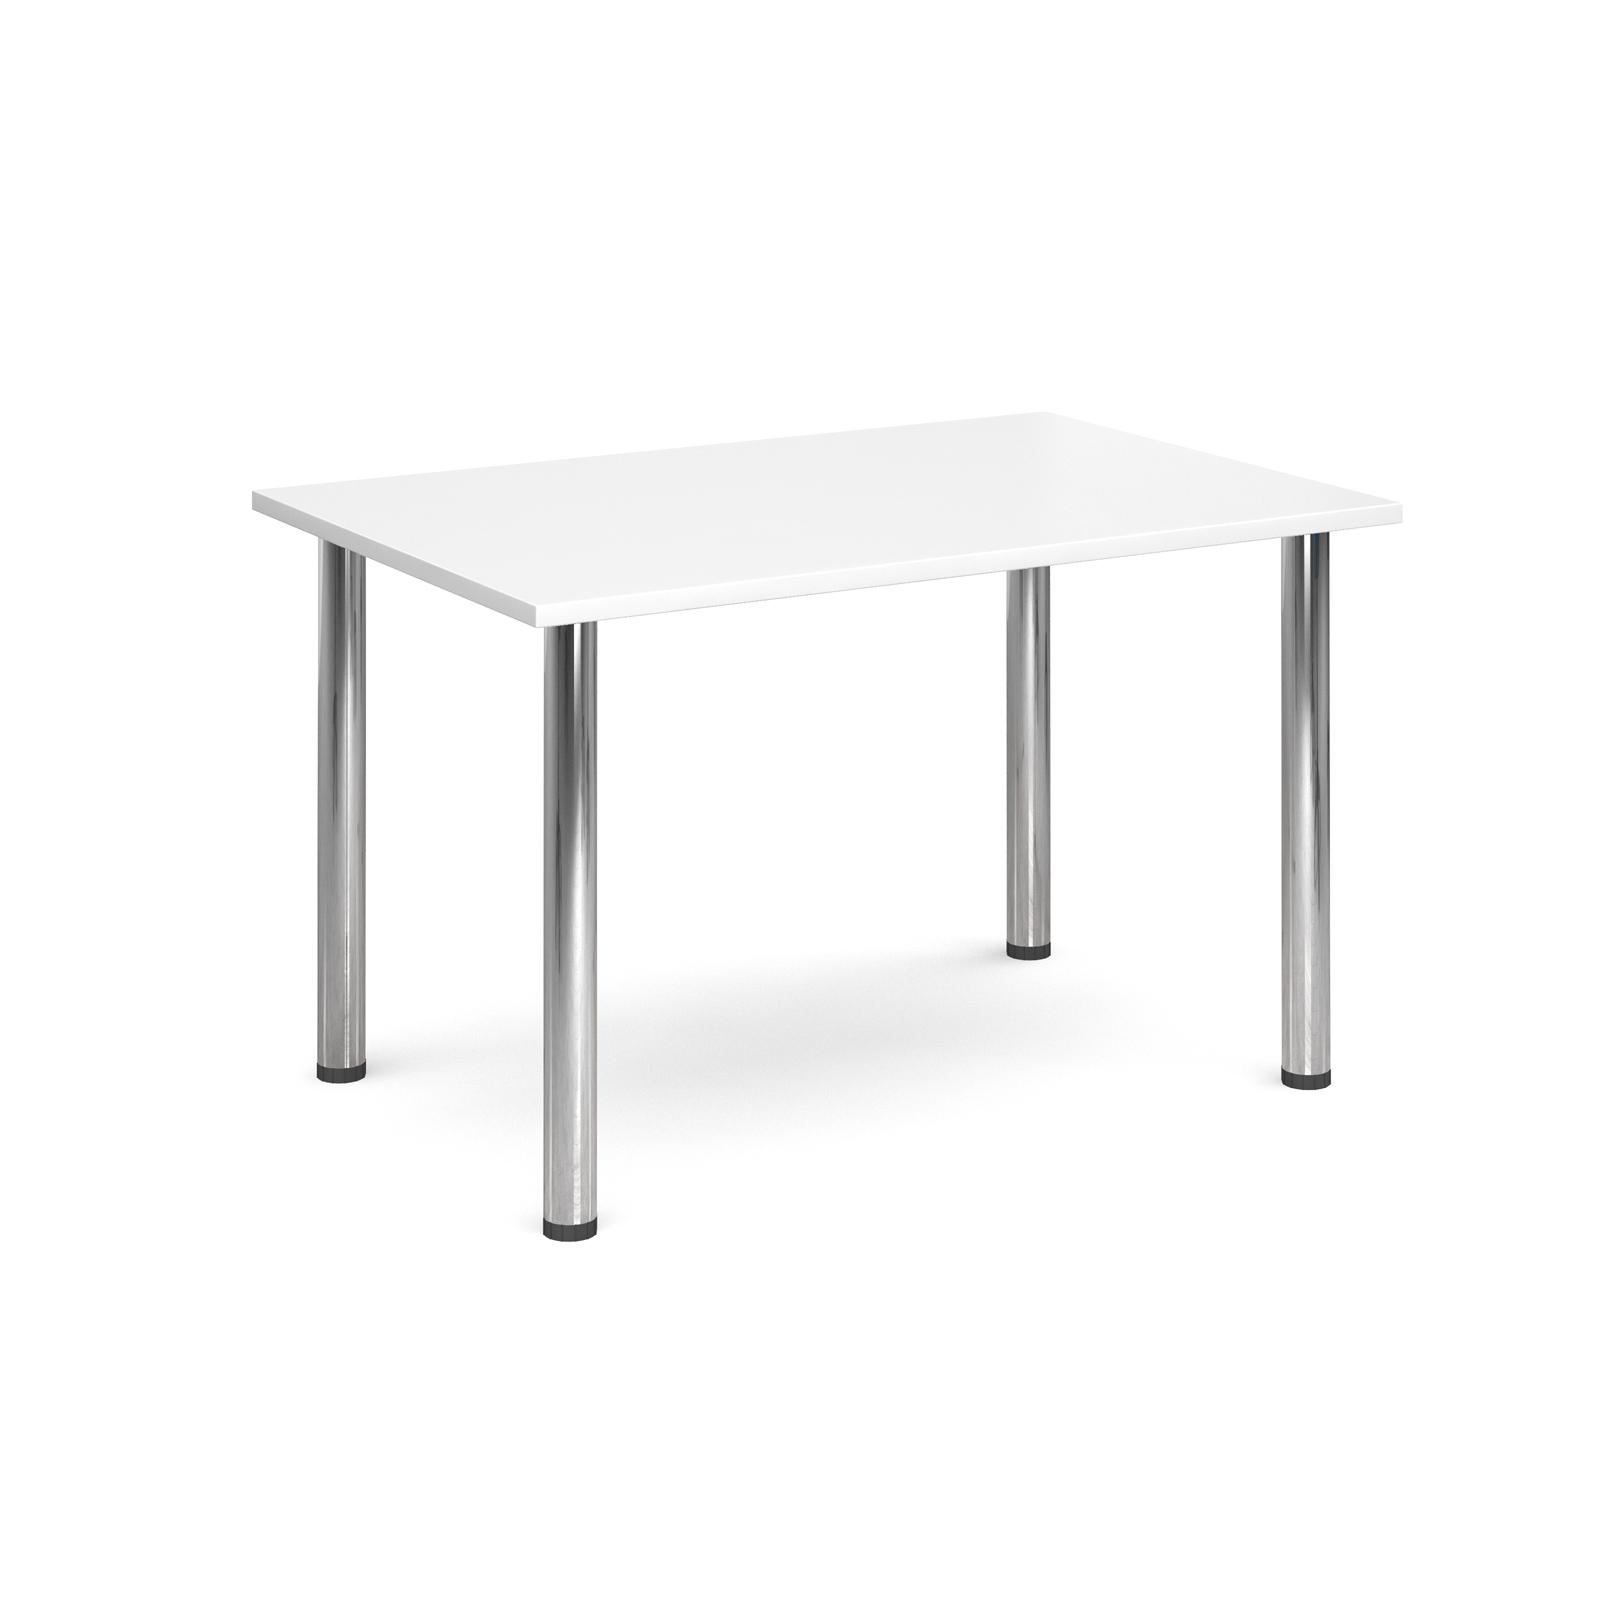 Rectangular deluxe chrome radial leg table 1300mm x 800mm - white